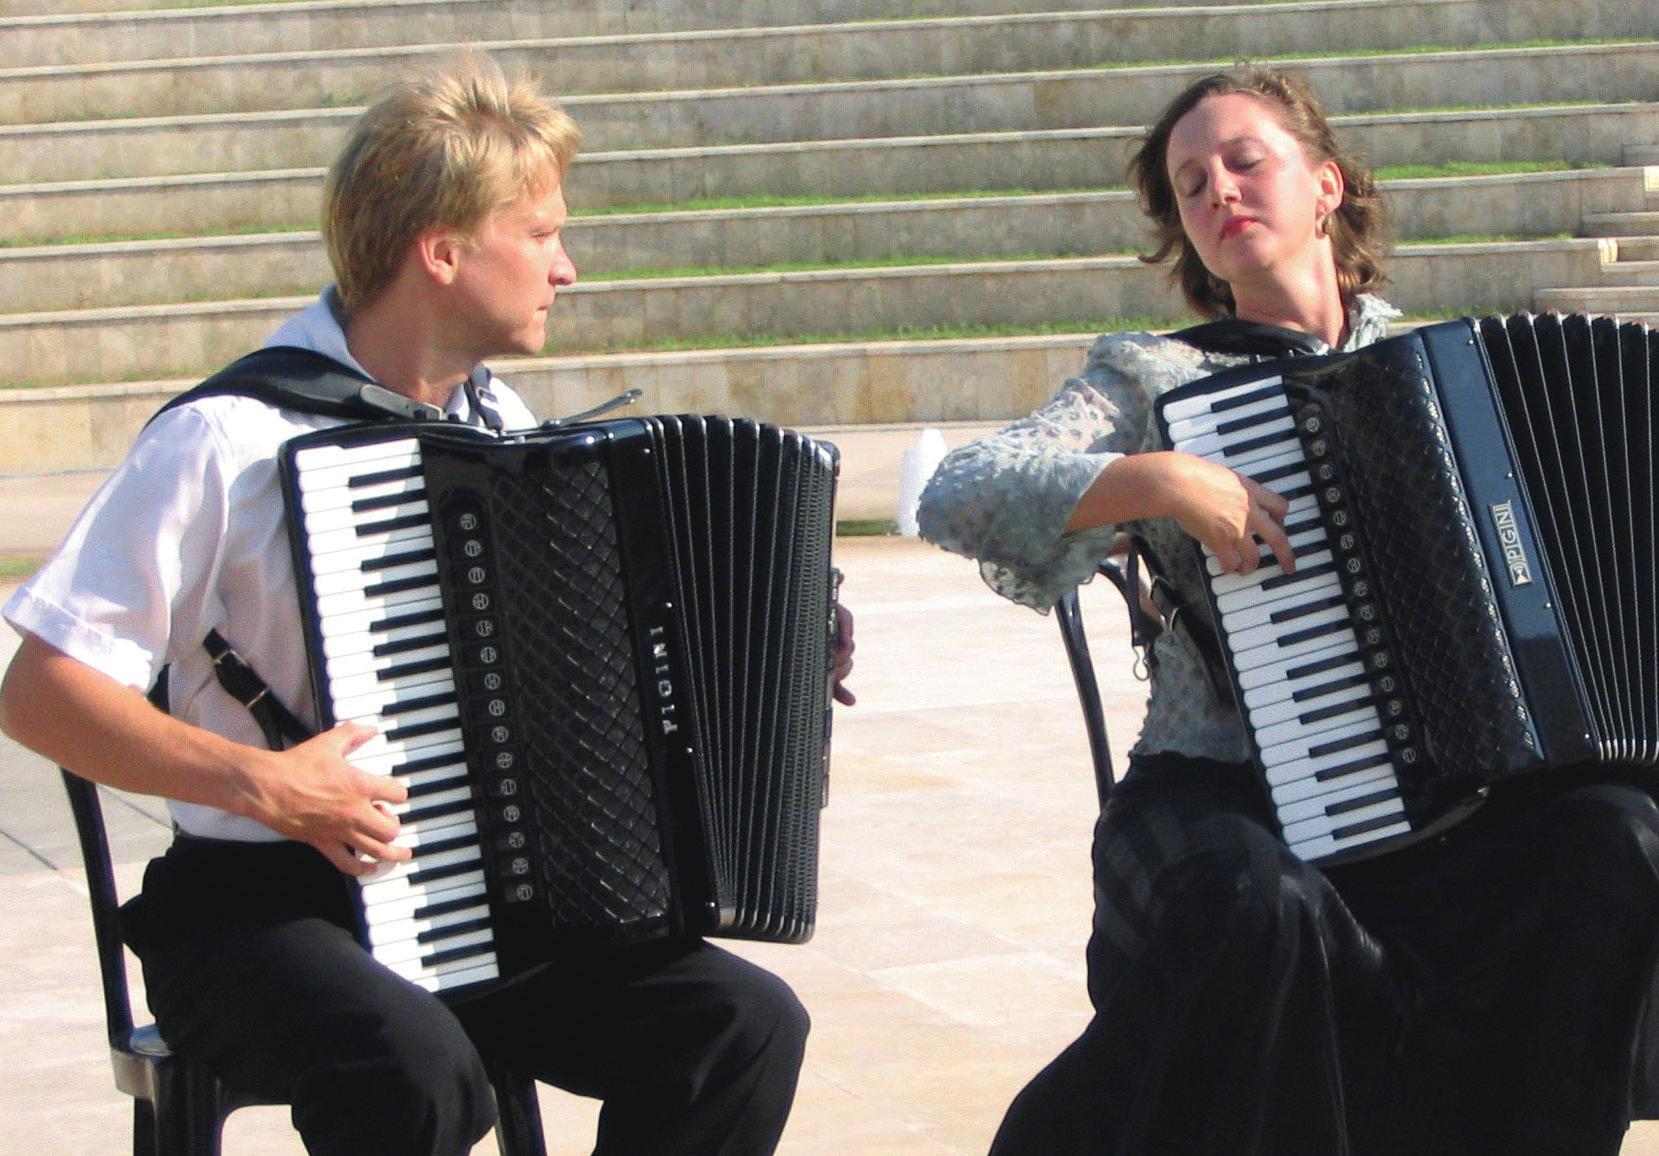 Akkordeonkonzert der Extraklasse: Das preisgekrönte Duo Kratschkowski spielt am 7. November in der St.-Viti-Kirche. Foto: Duo Kratschkowski